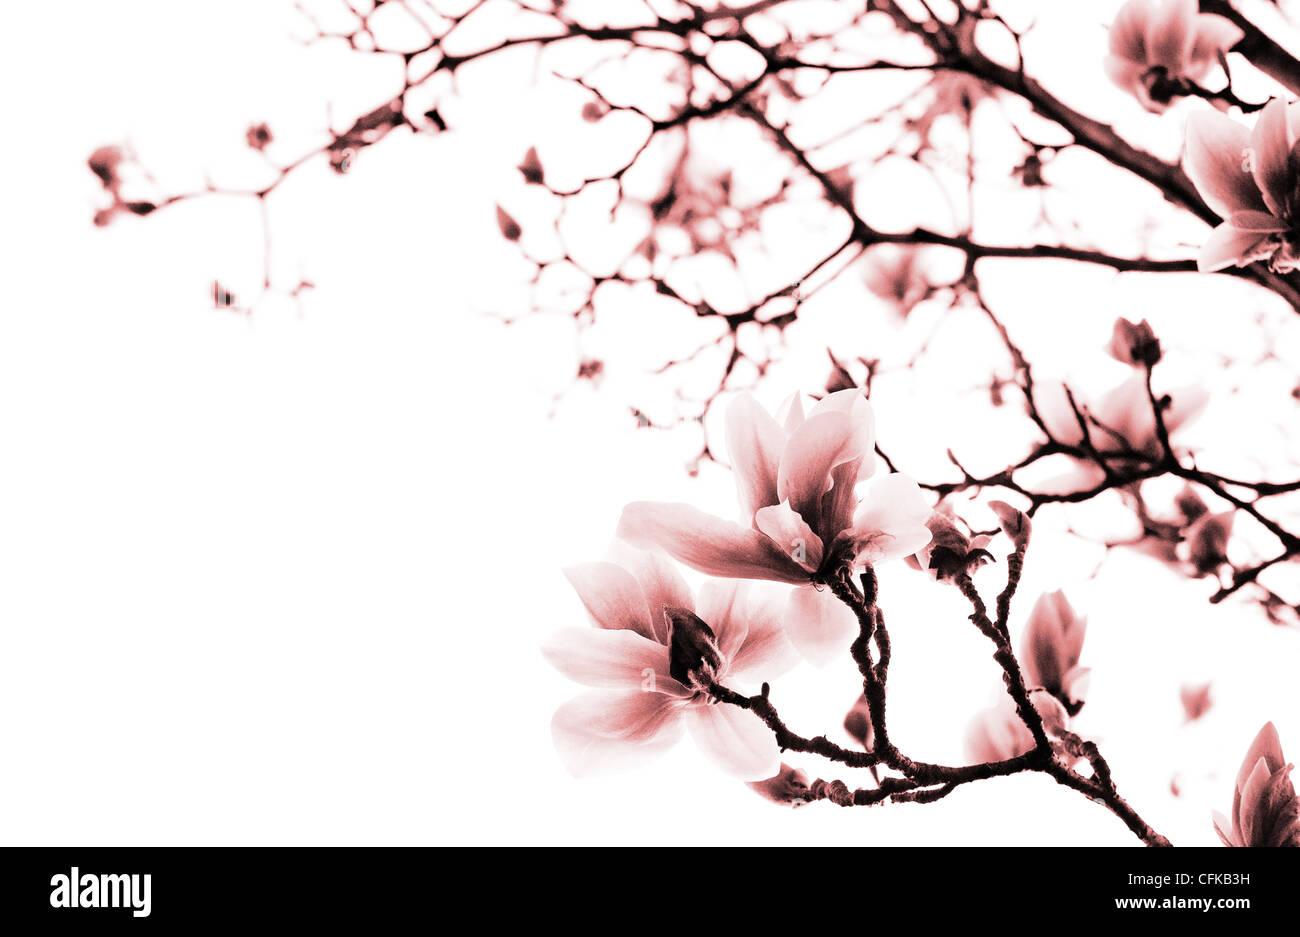 Magnolia branches - Monochromatic version - Stock Image